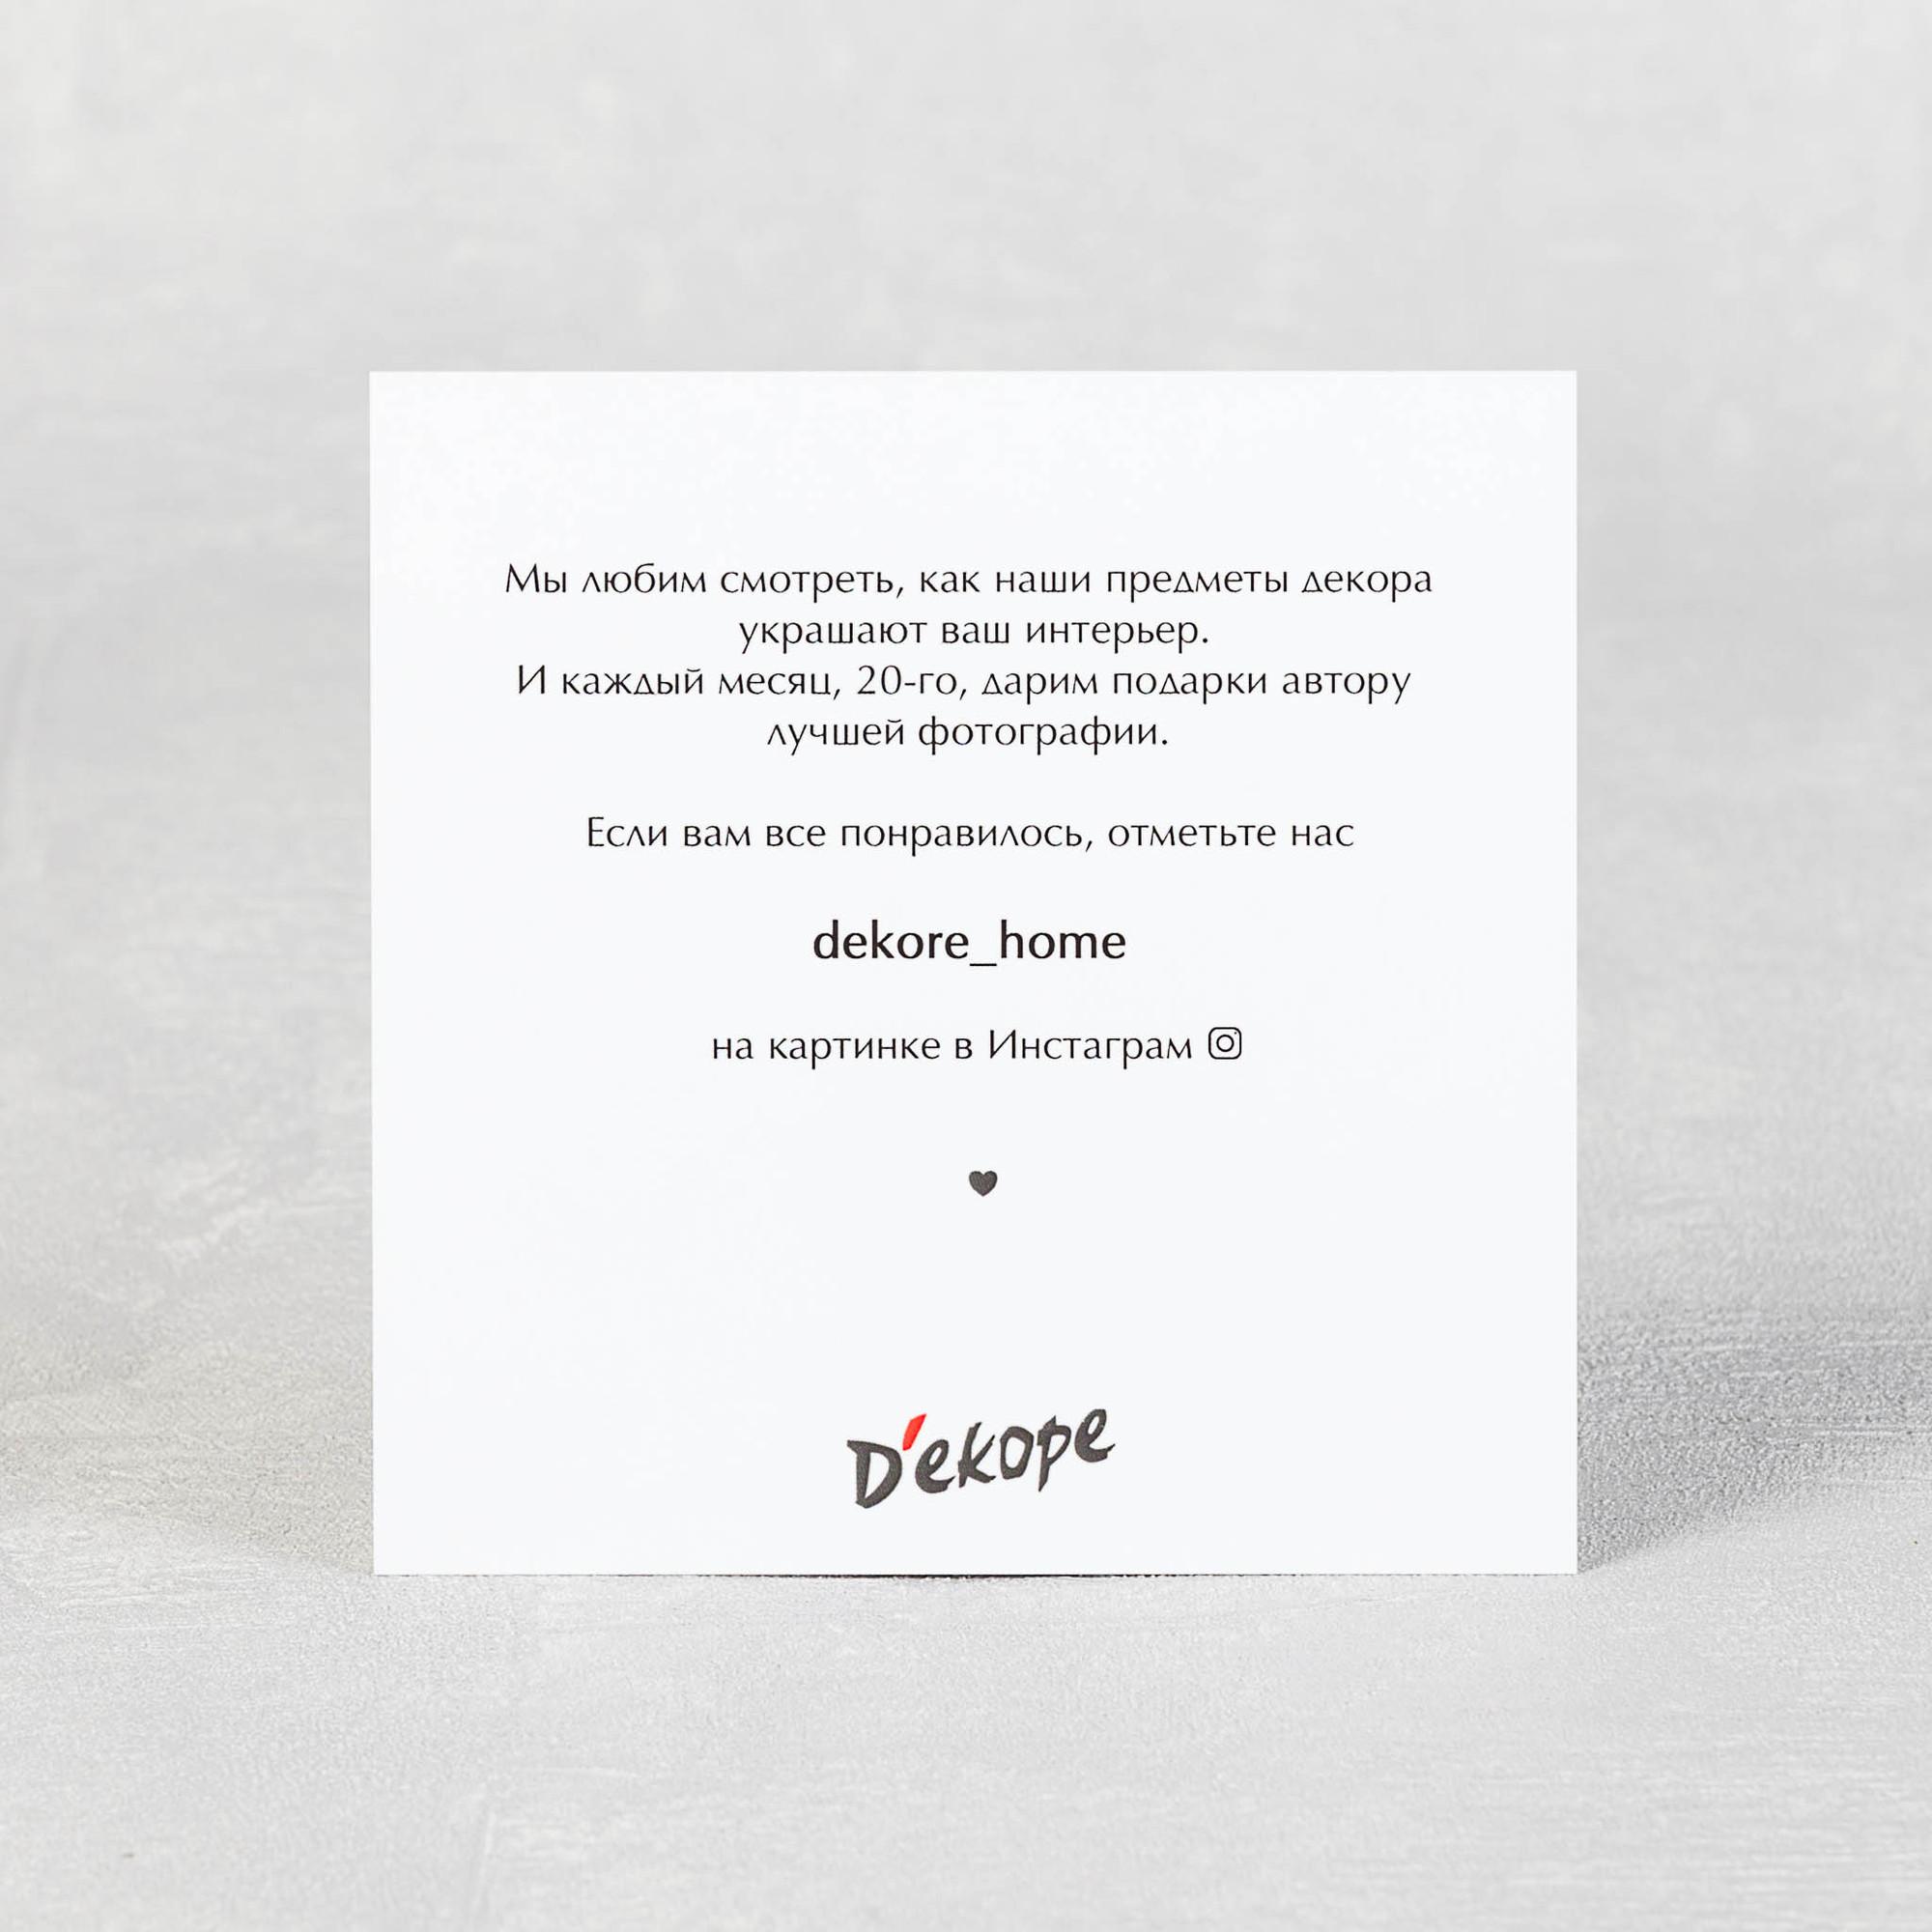 Односторонняя листовка 10х10 см из жесткого беленного картона, карточка